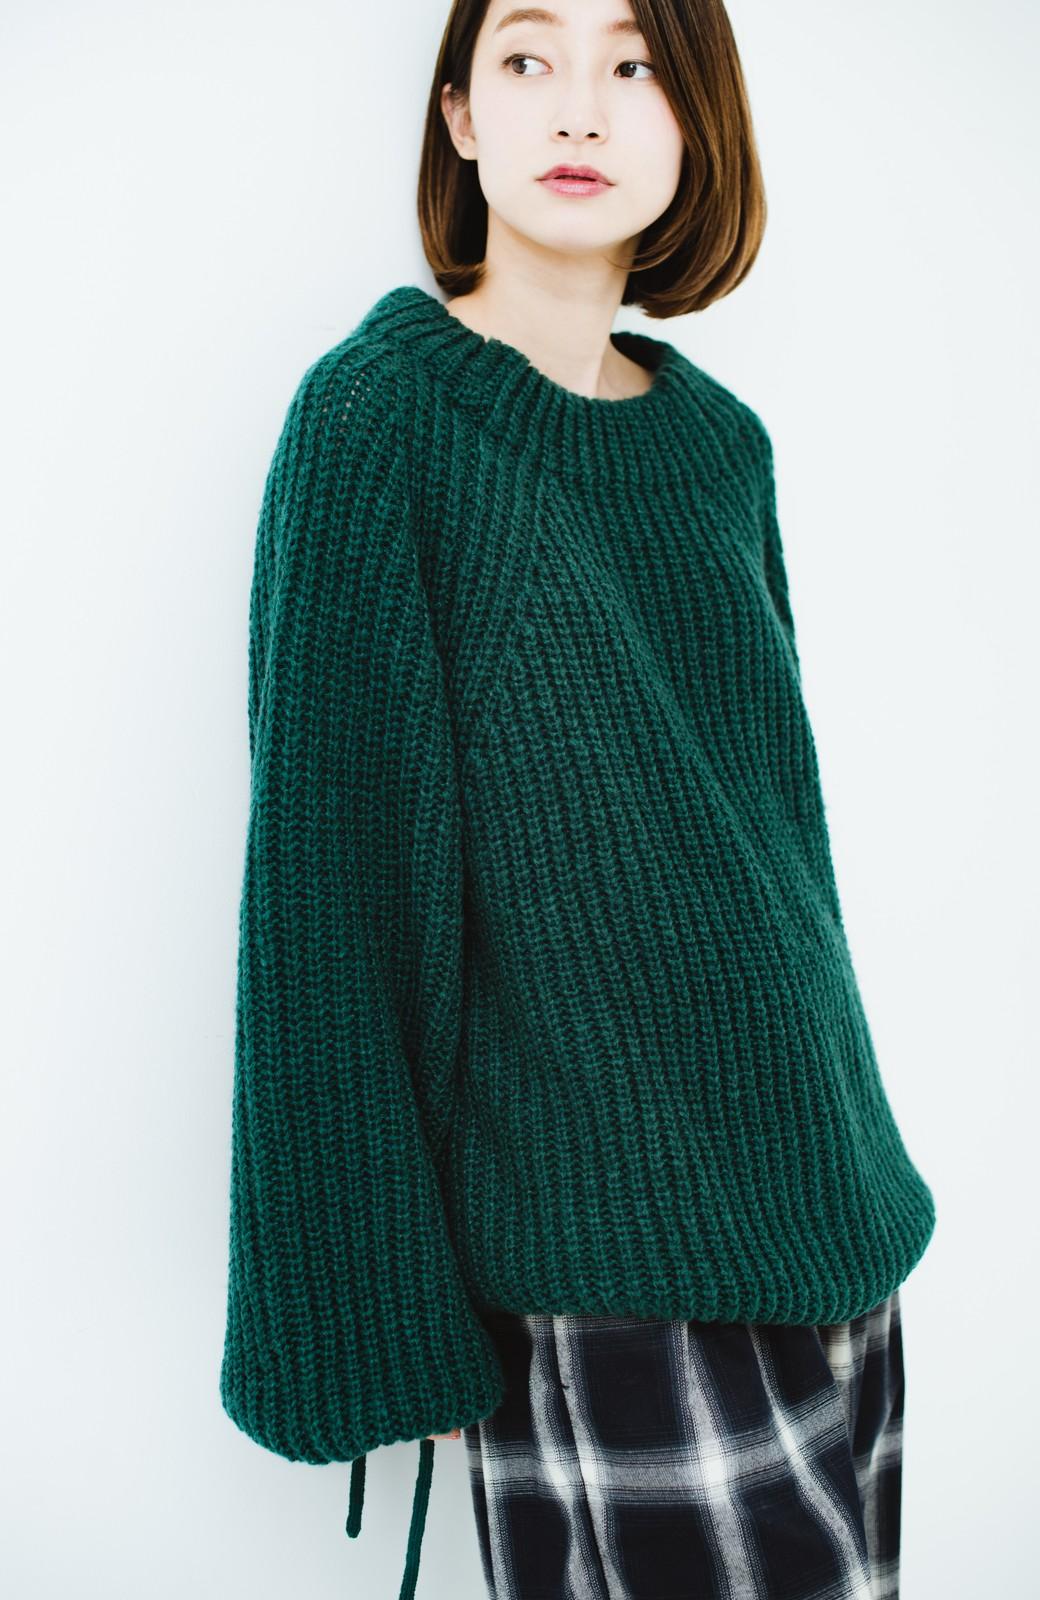 haco! ボリューム感が華奢見せさせる 袖リボンあぜ編みニット <グリーン>の商品写真1